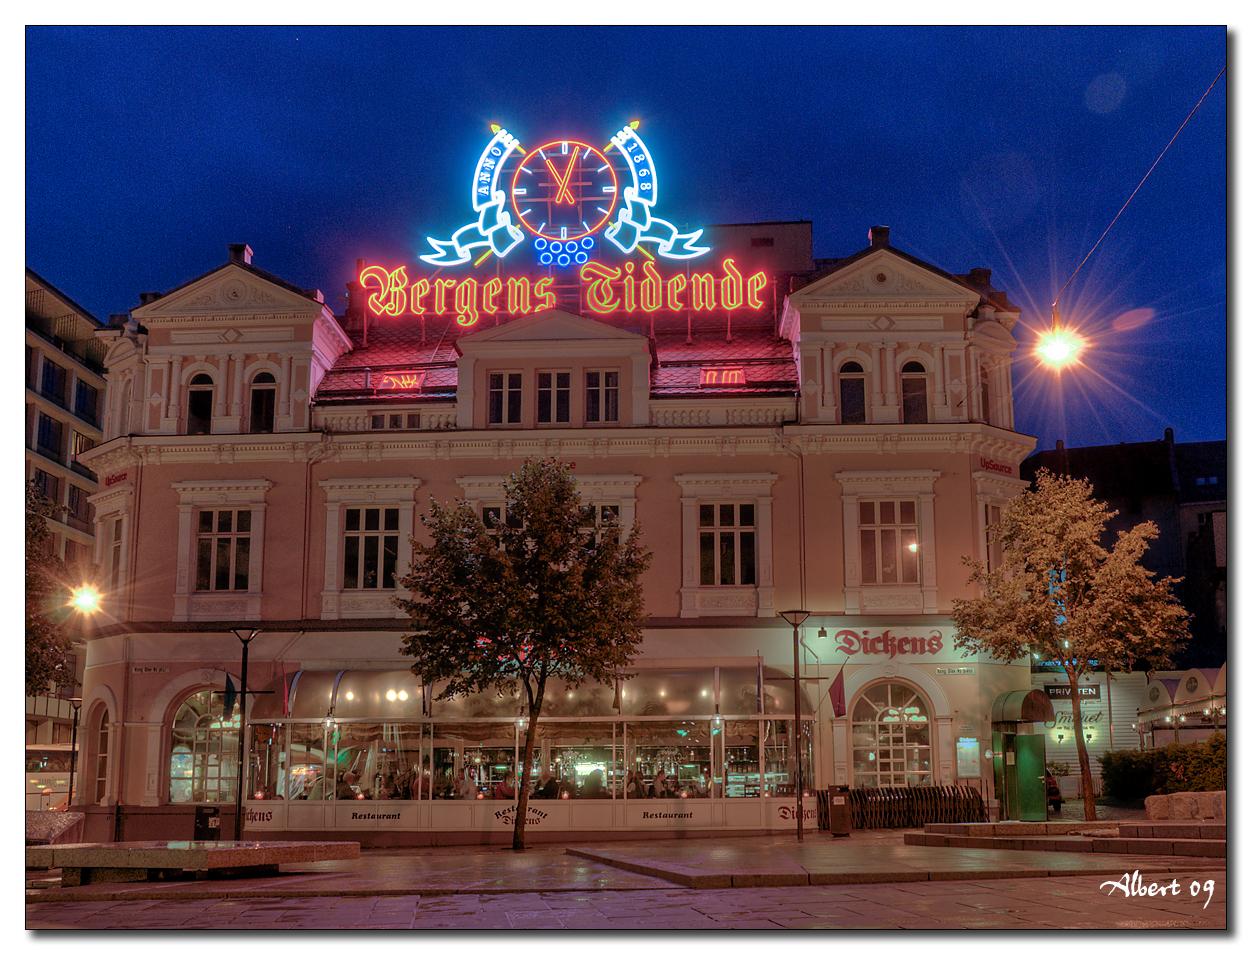 Bergen - Dickens de nit